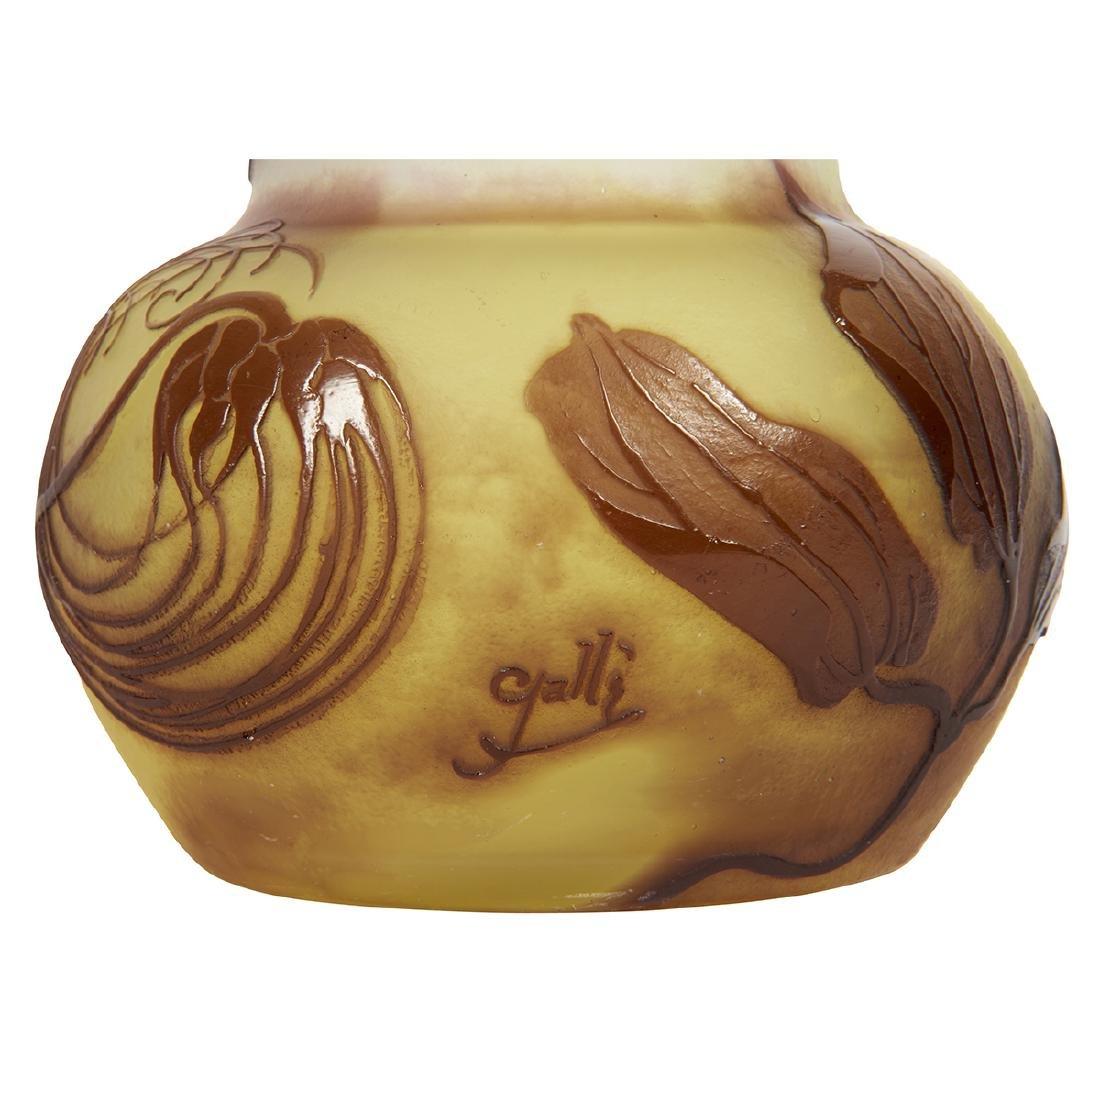 Gallé Clematis cameo glass vase - 3